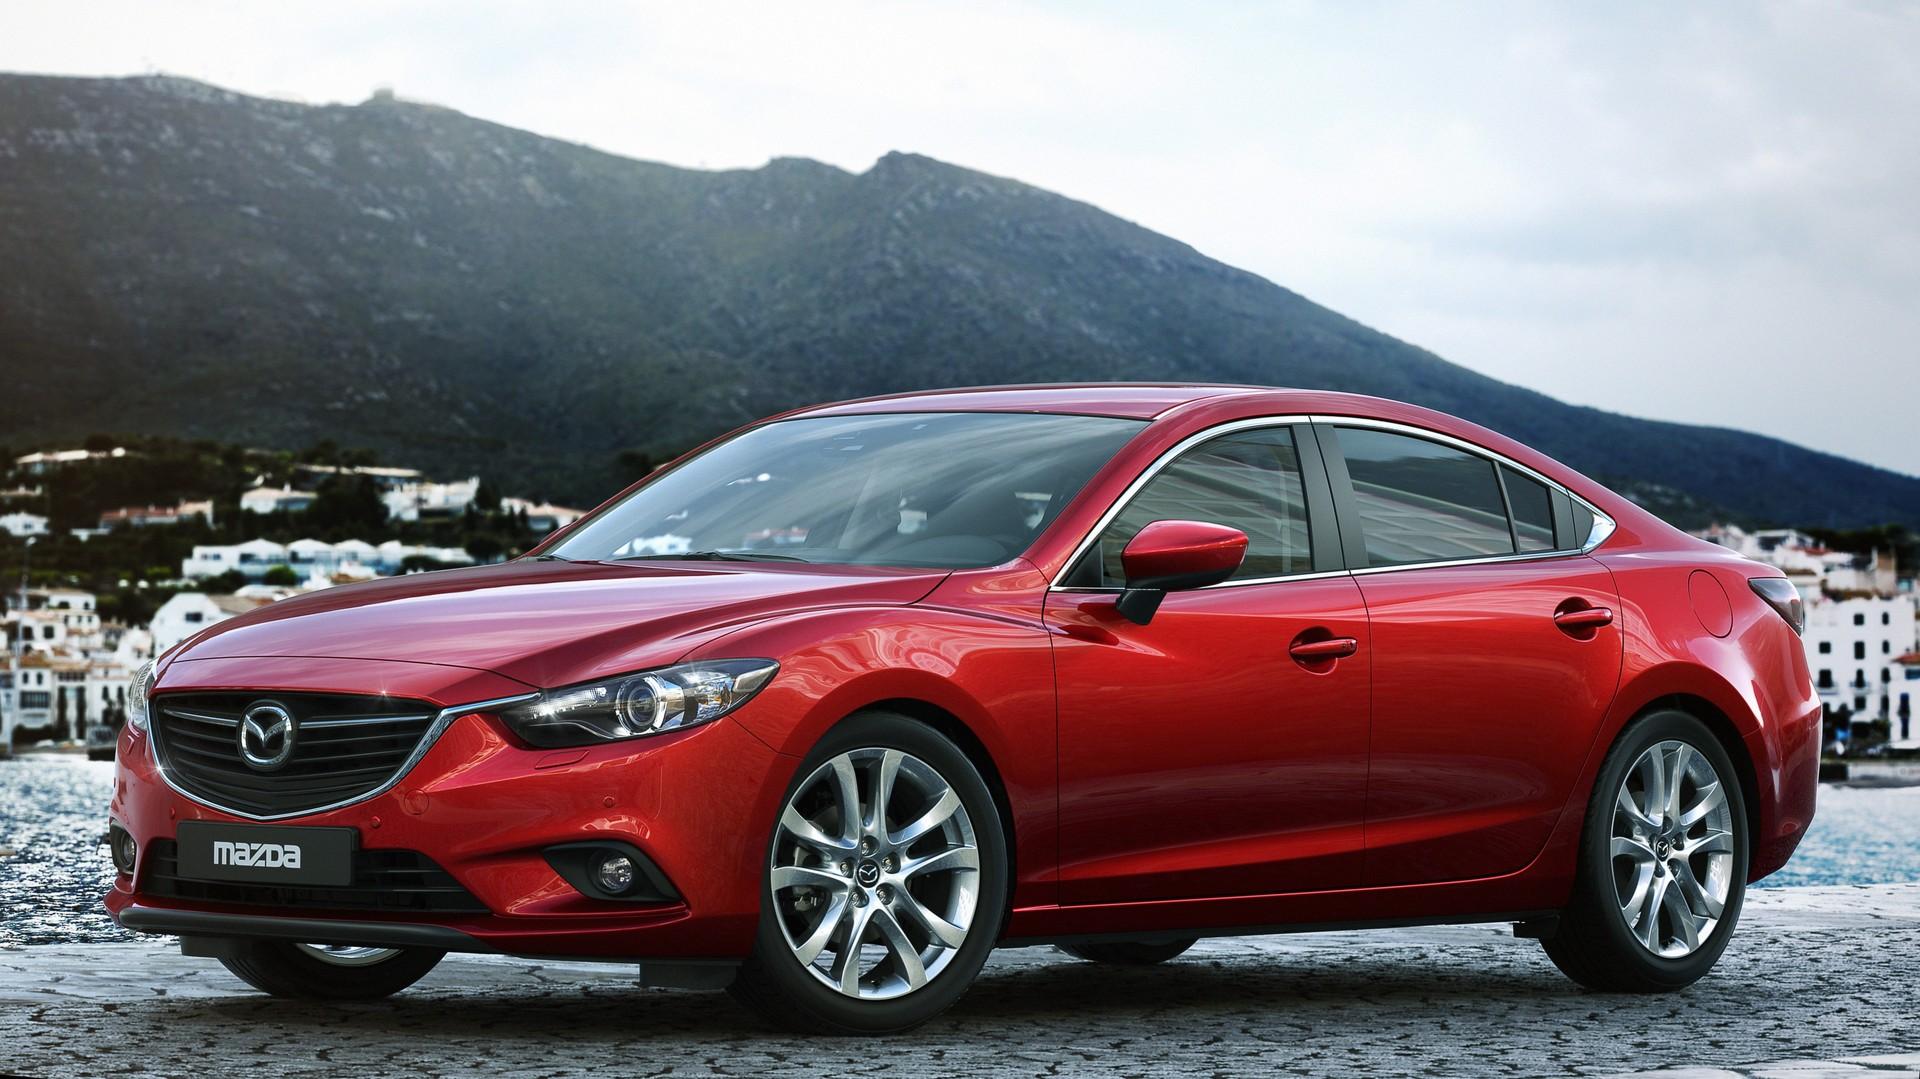 Image - Mazda 6.jpg | Asphalt Wiki | FANDOM powered by Wikia